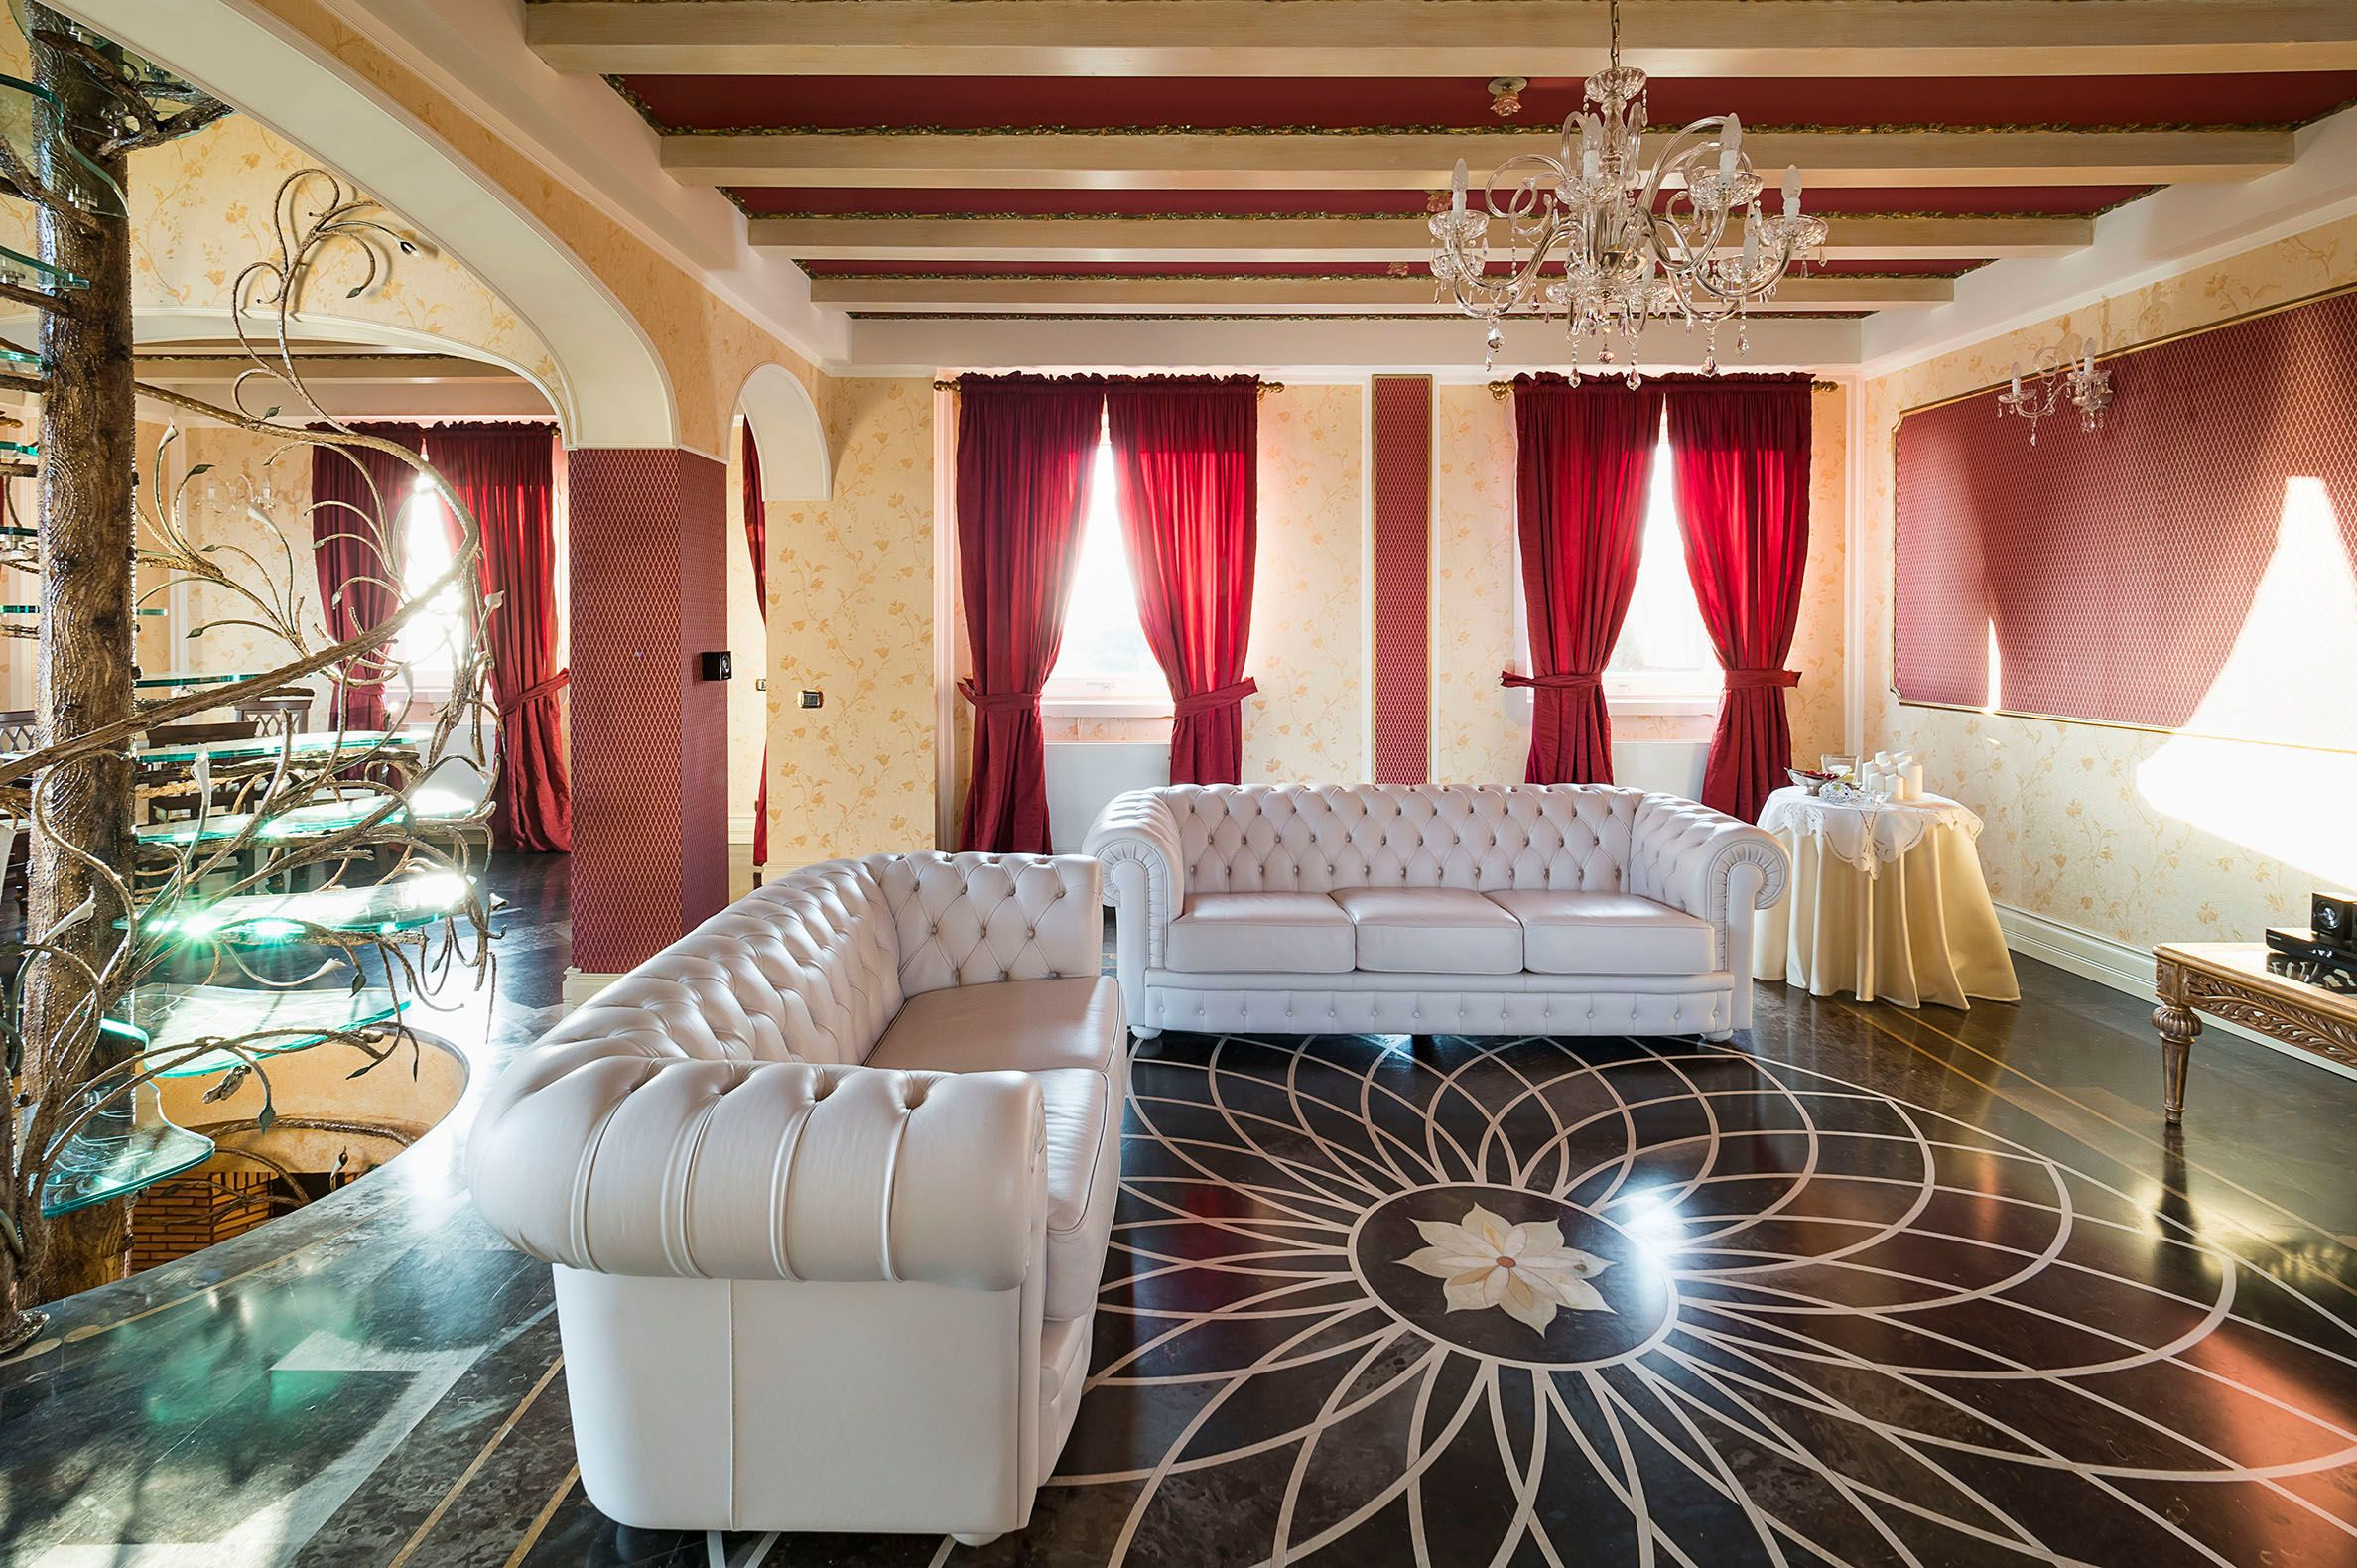 Villa Drago Spa